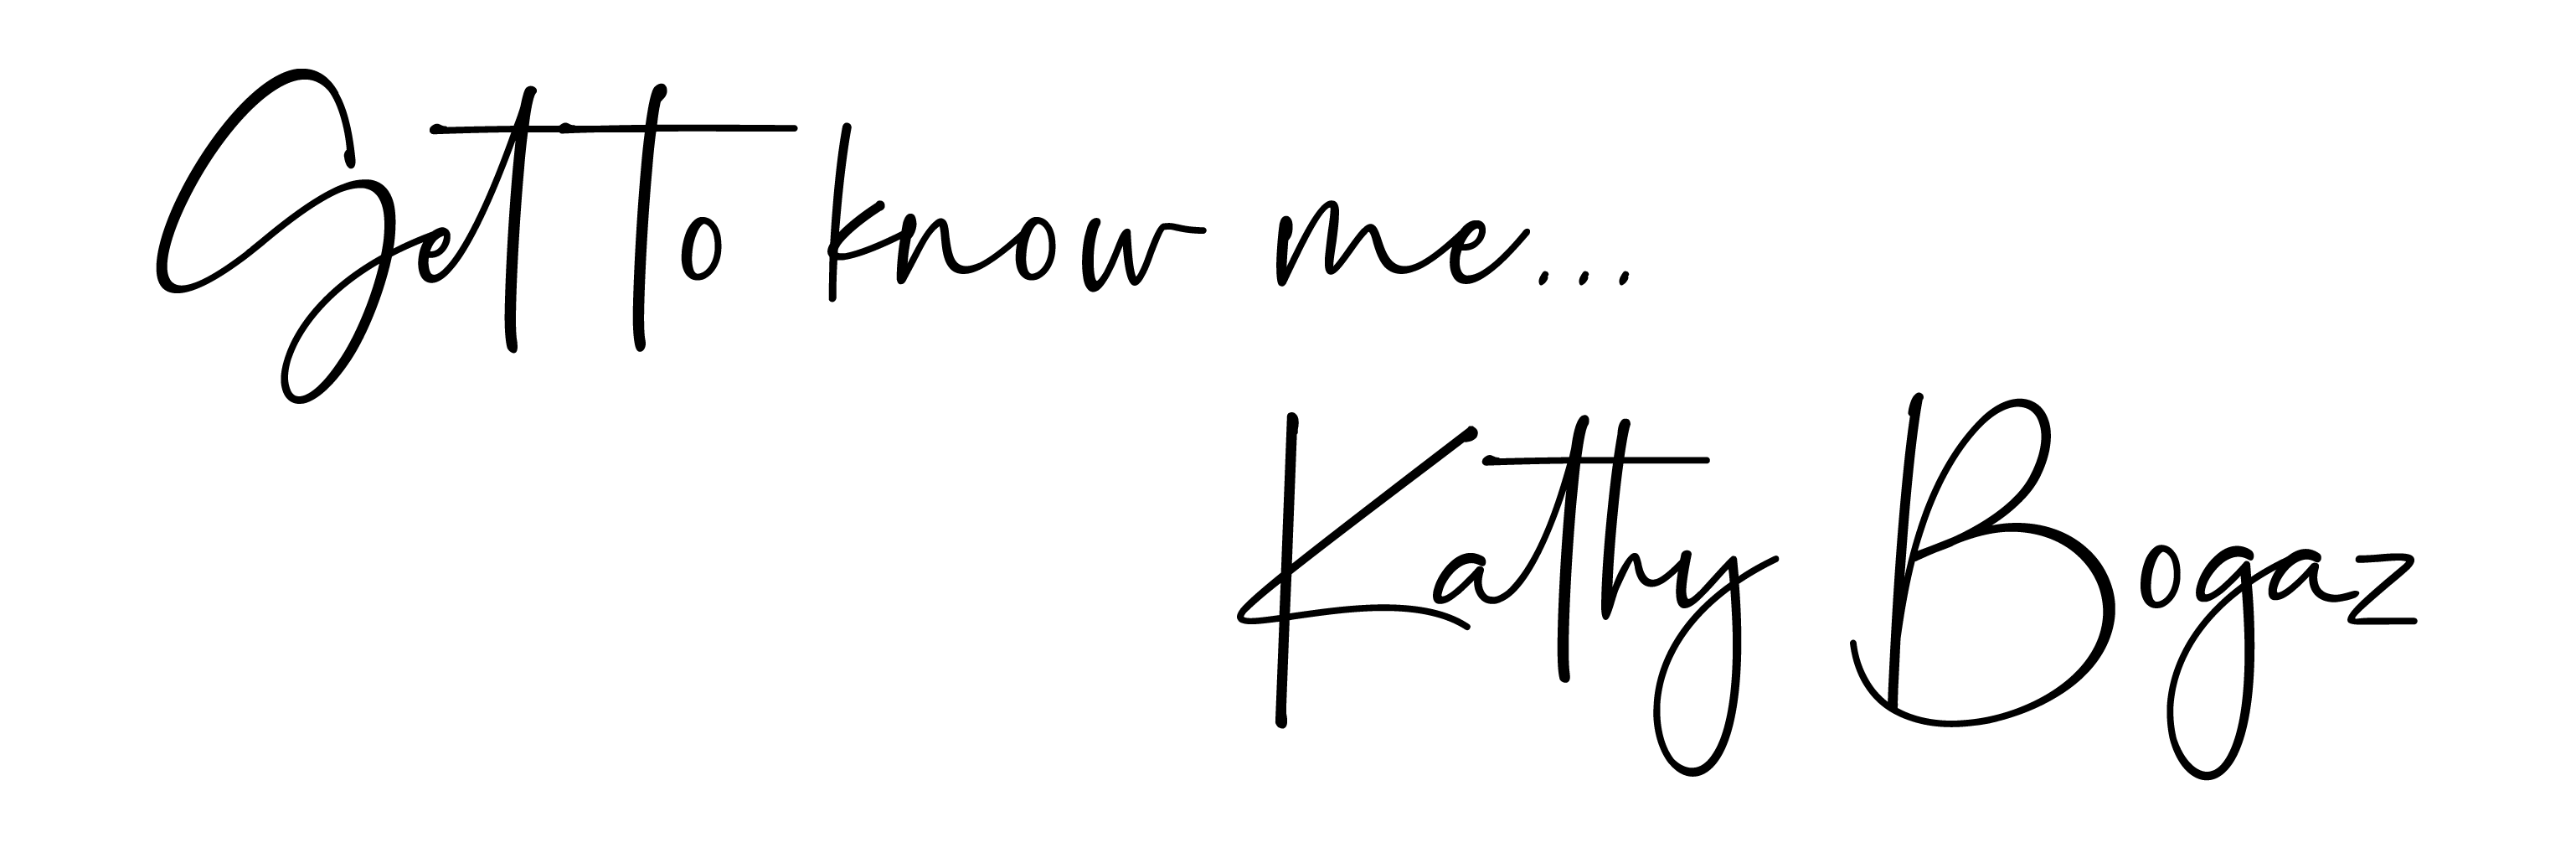 gettoknowme-12